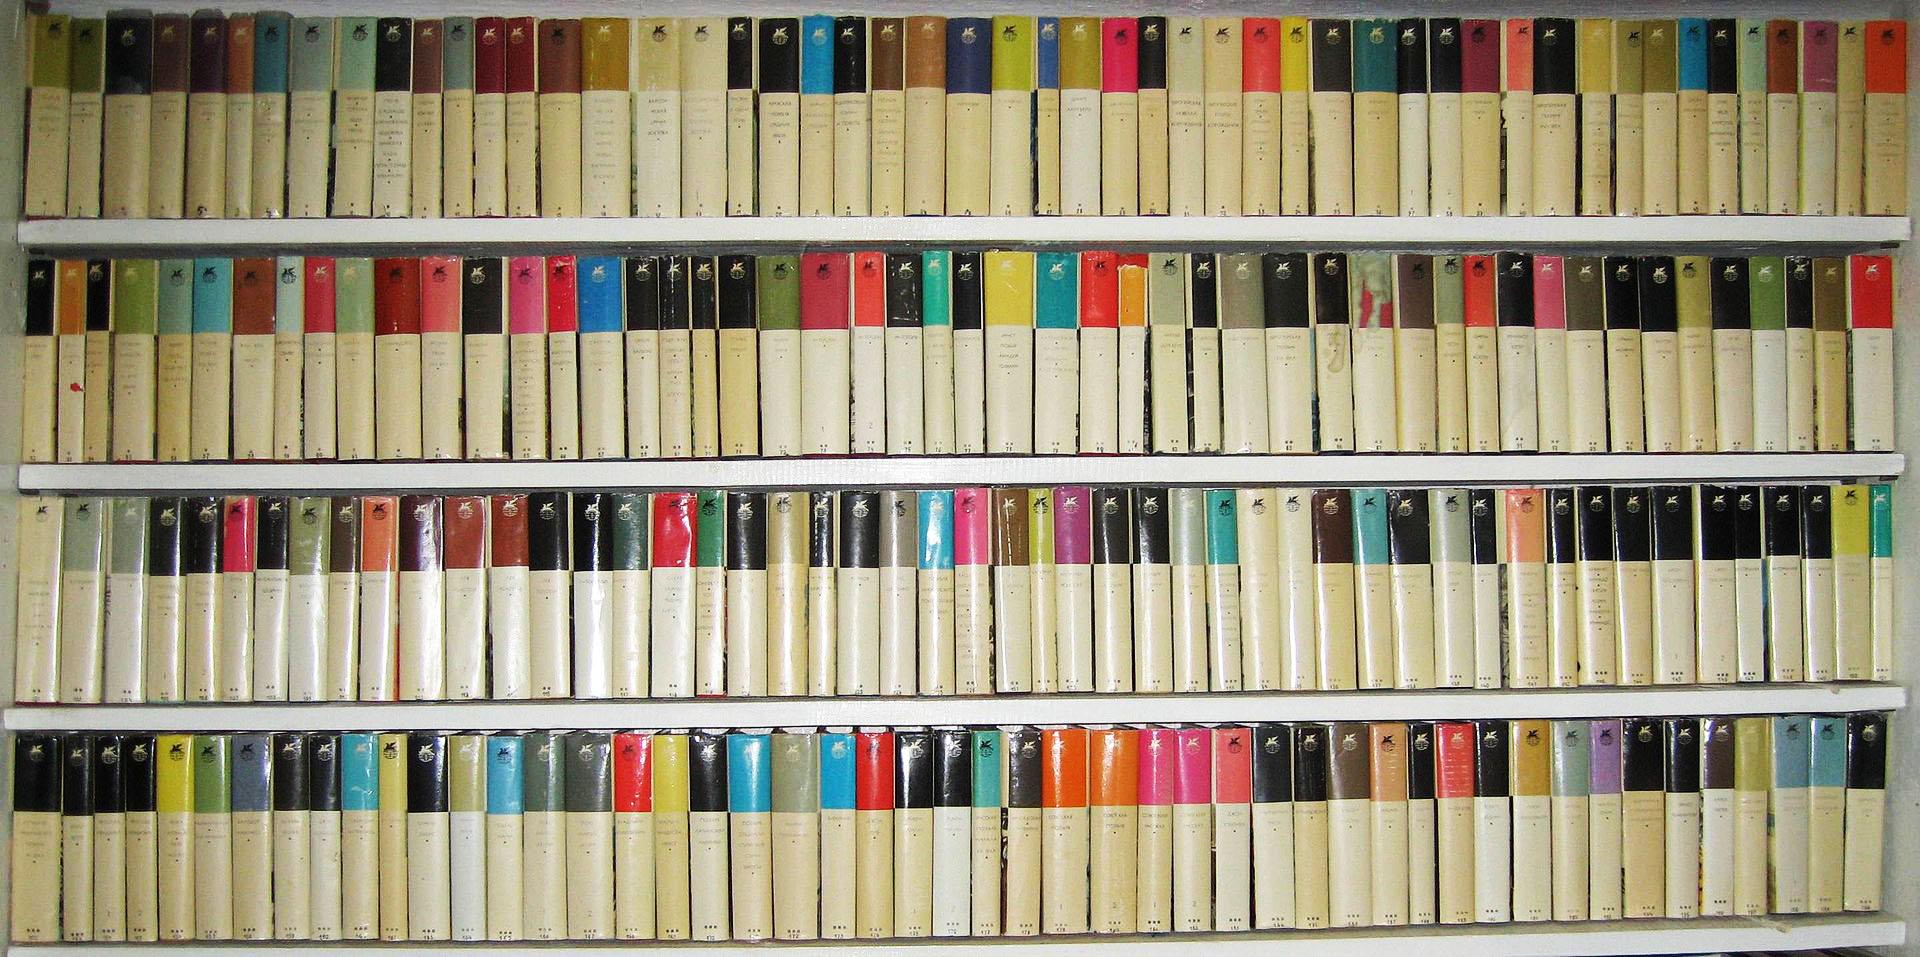 Серия библиотека всемирной литературы fb2 скачать